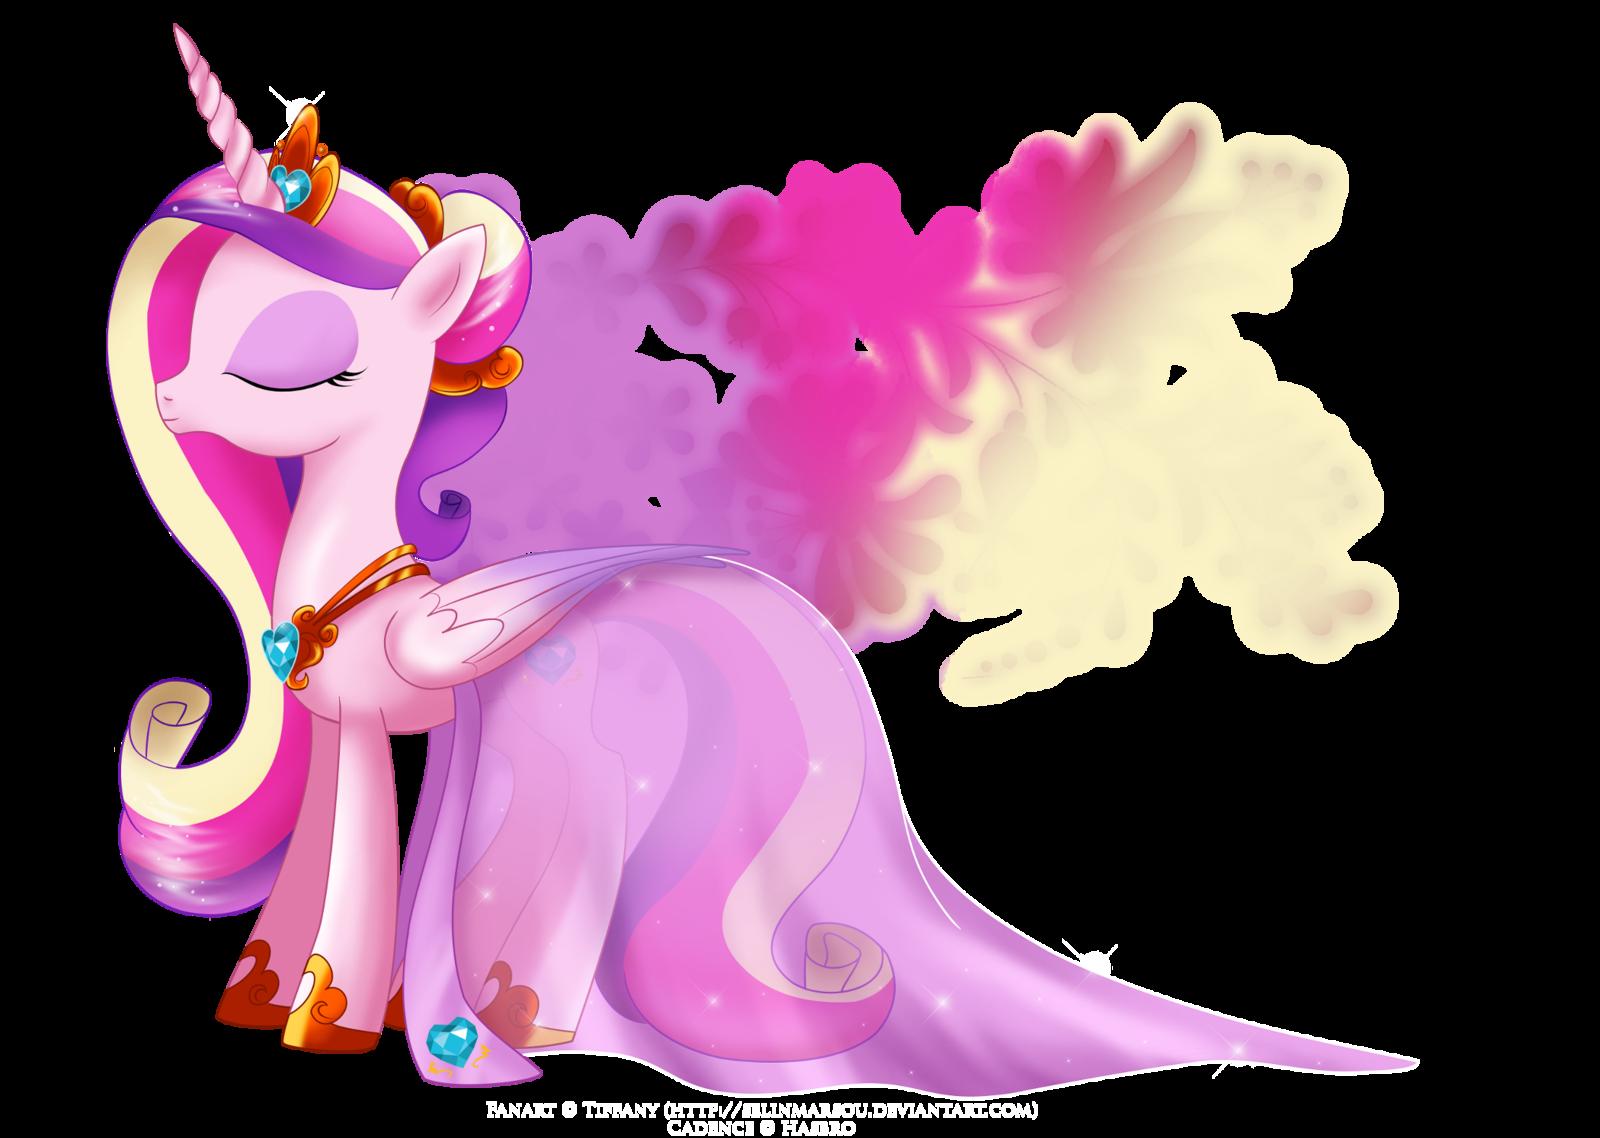 Май литл пони красивые картинки принцессы